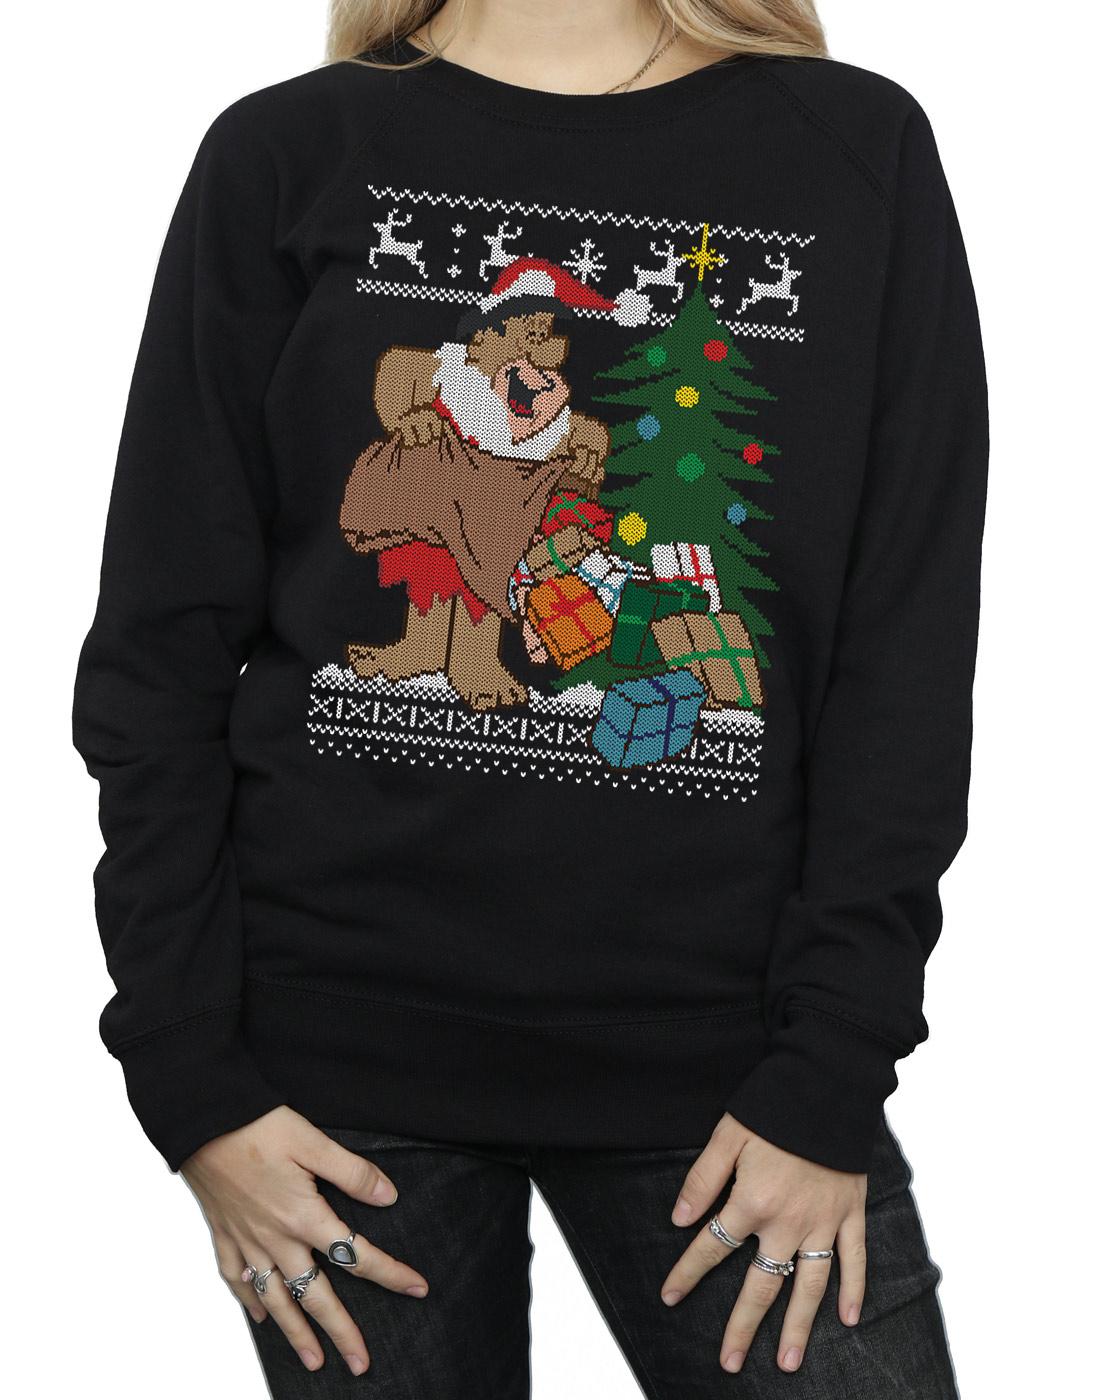 The The The Flintstones Damen Christmas Fair Isle Sweatshirt   Auf Verkauf    Verkaufspreis    Export    Zahlreiche In Vielfalt    Online Store  a8007b